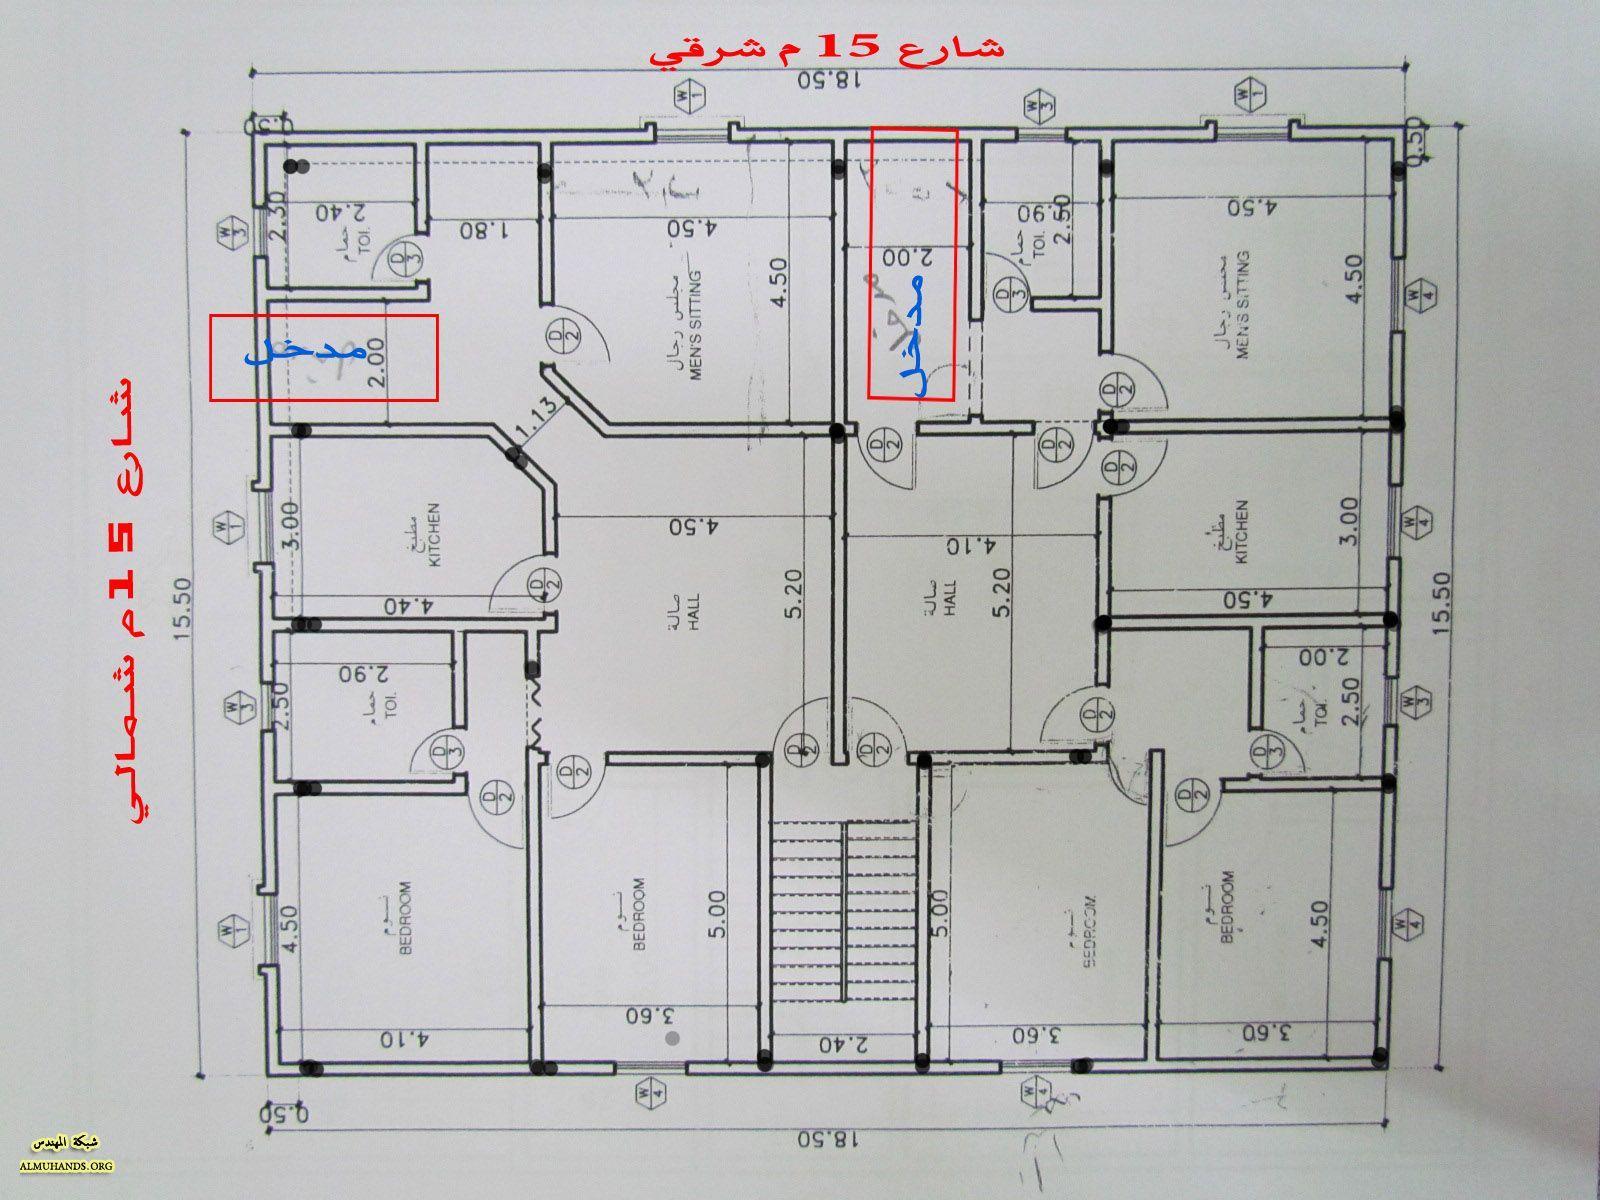 هذا المخطط بين يديكم فأفيدوني جزاكم الله خيرا فتح شقتين على بعض منتديات شبكة المهندس 20x30 House Plans How To Plan House Plans